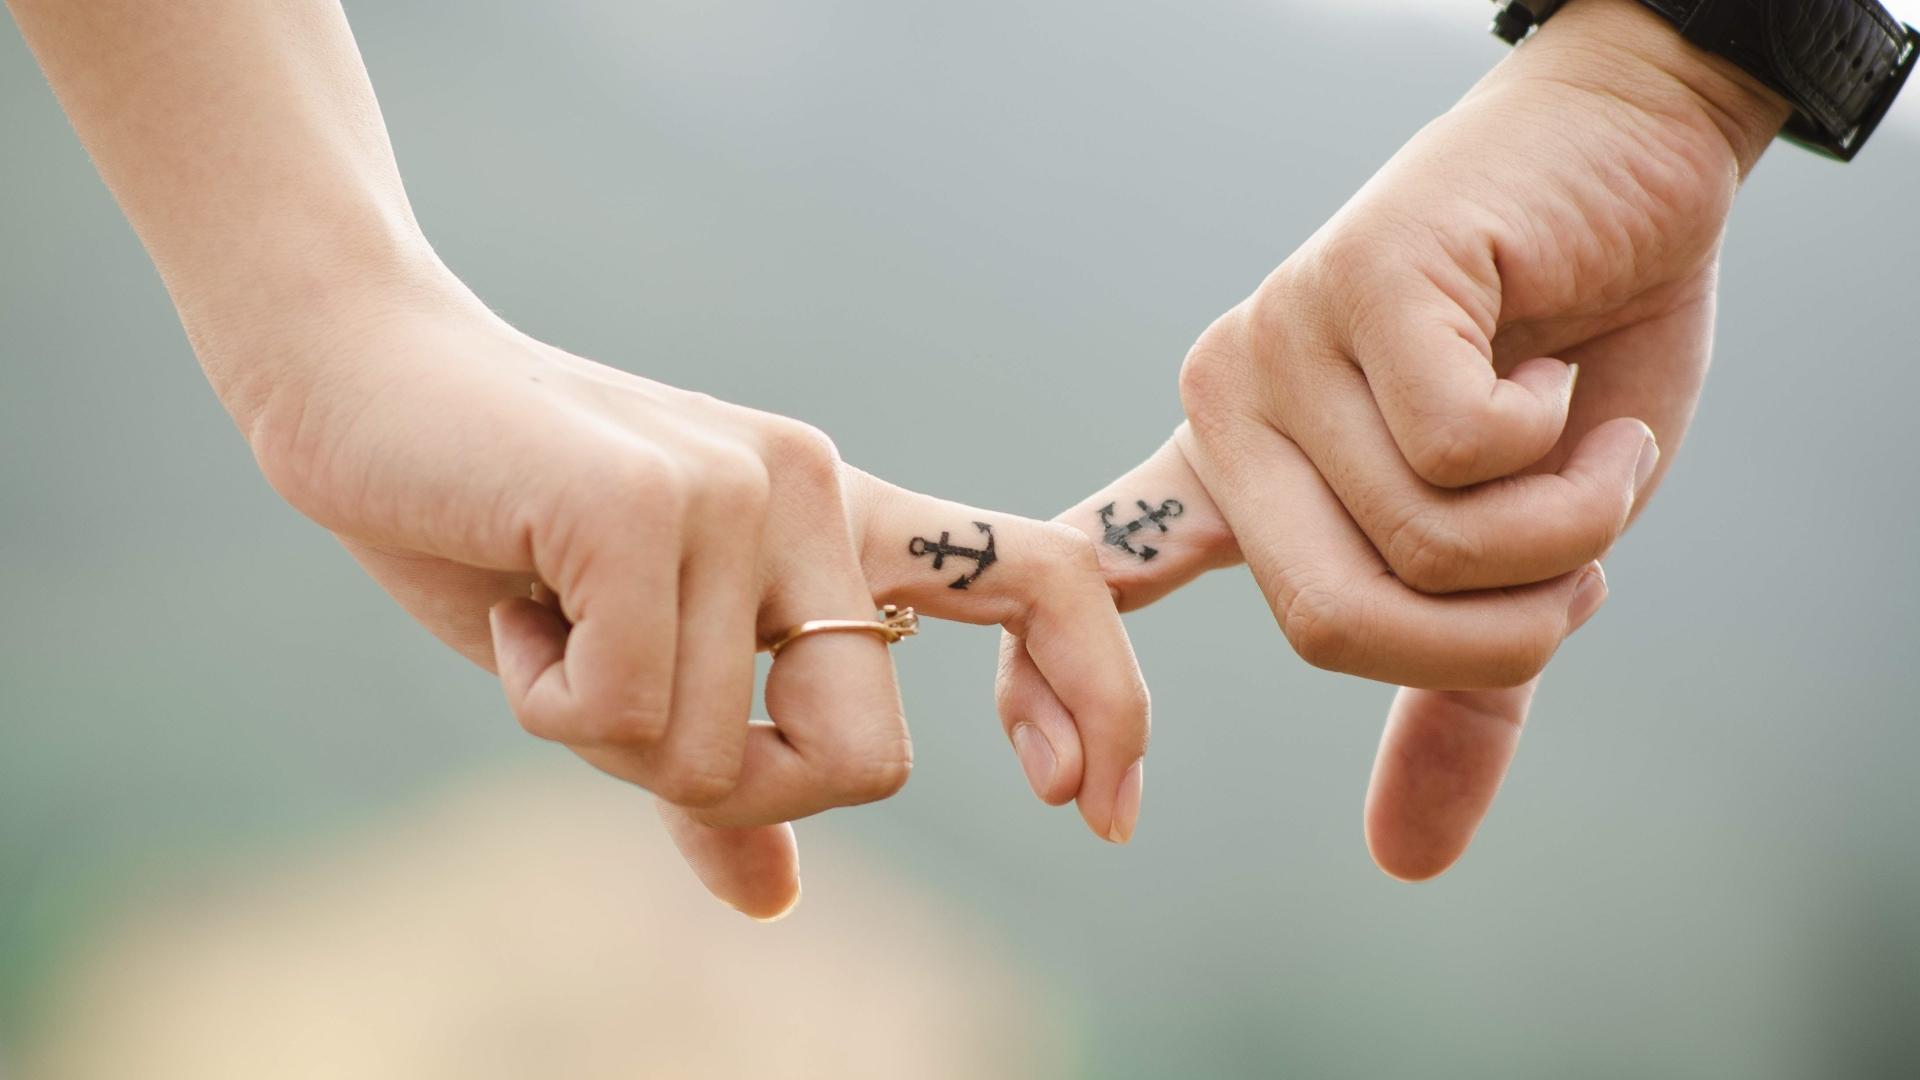 Люди предпочитают генетически непохожих партнёров и находят их по запаху